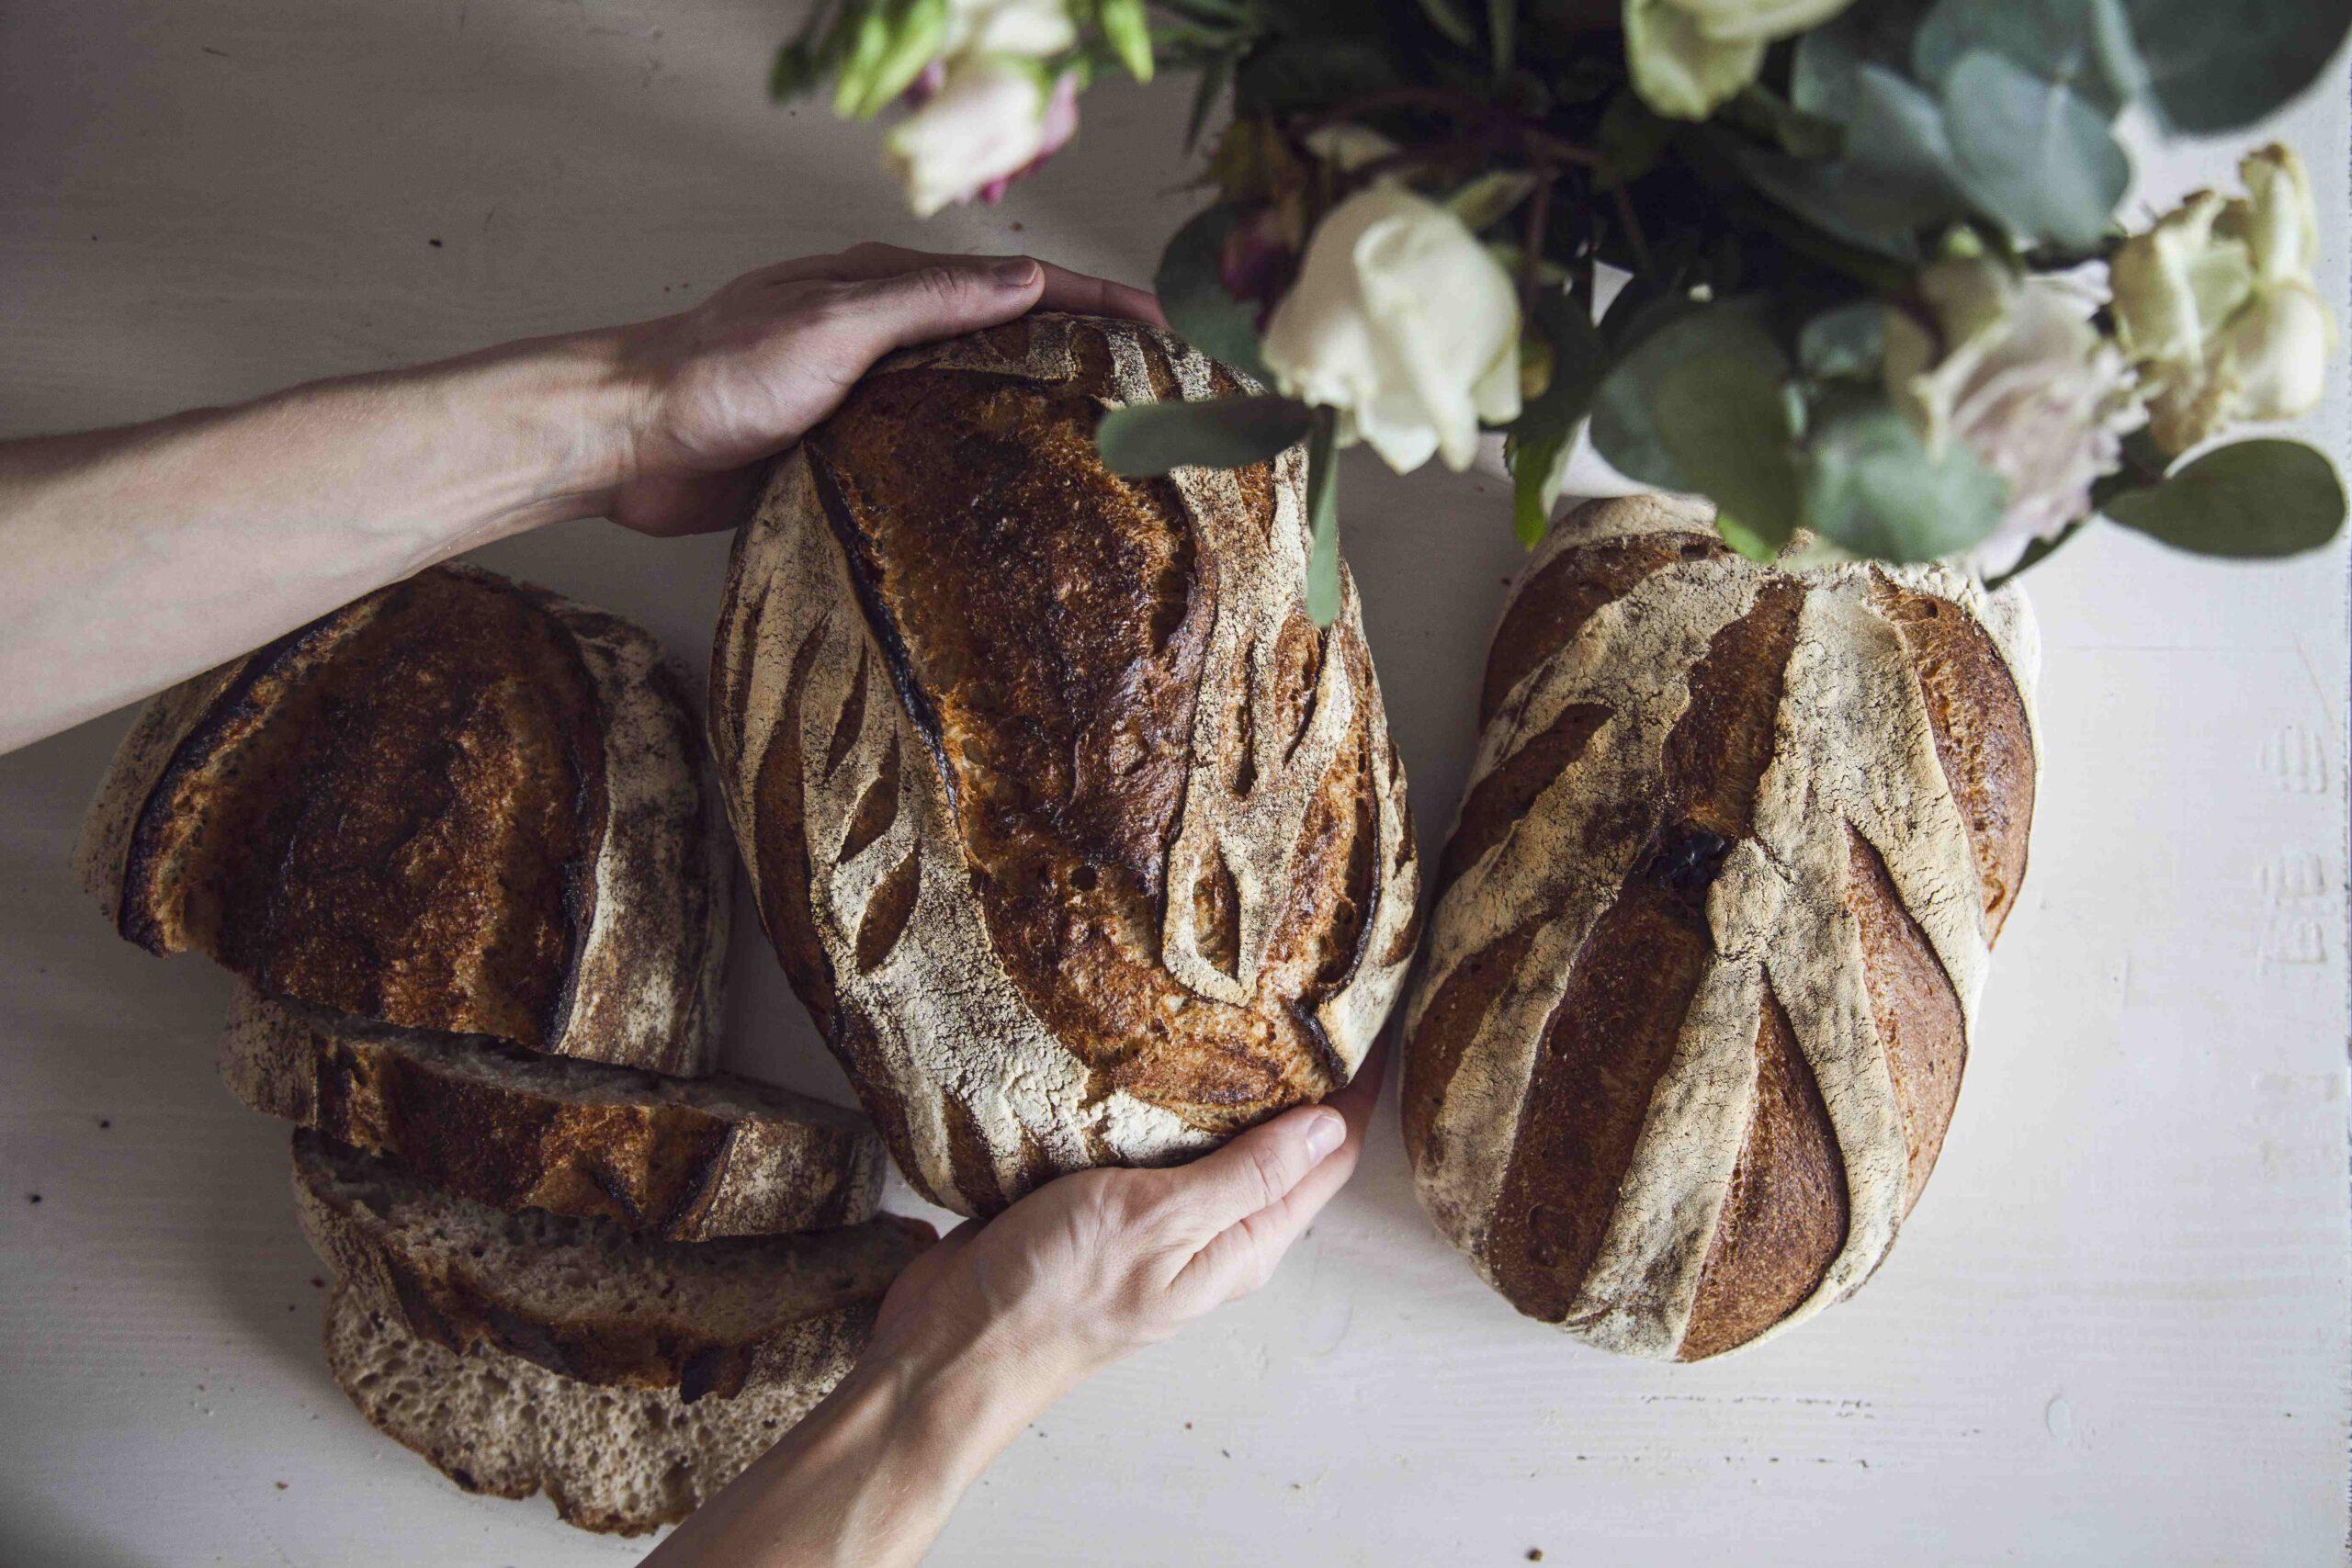 Pšeničný chléb s celozrnnou žitnou kaší